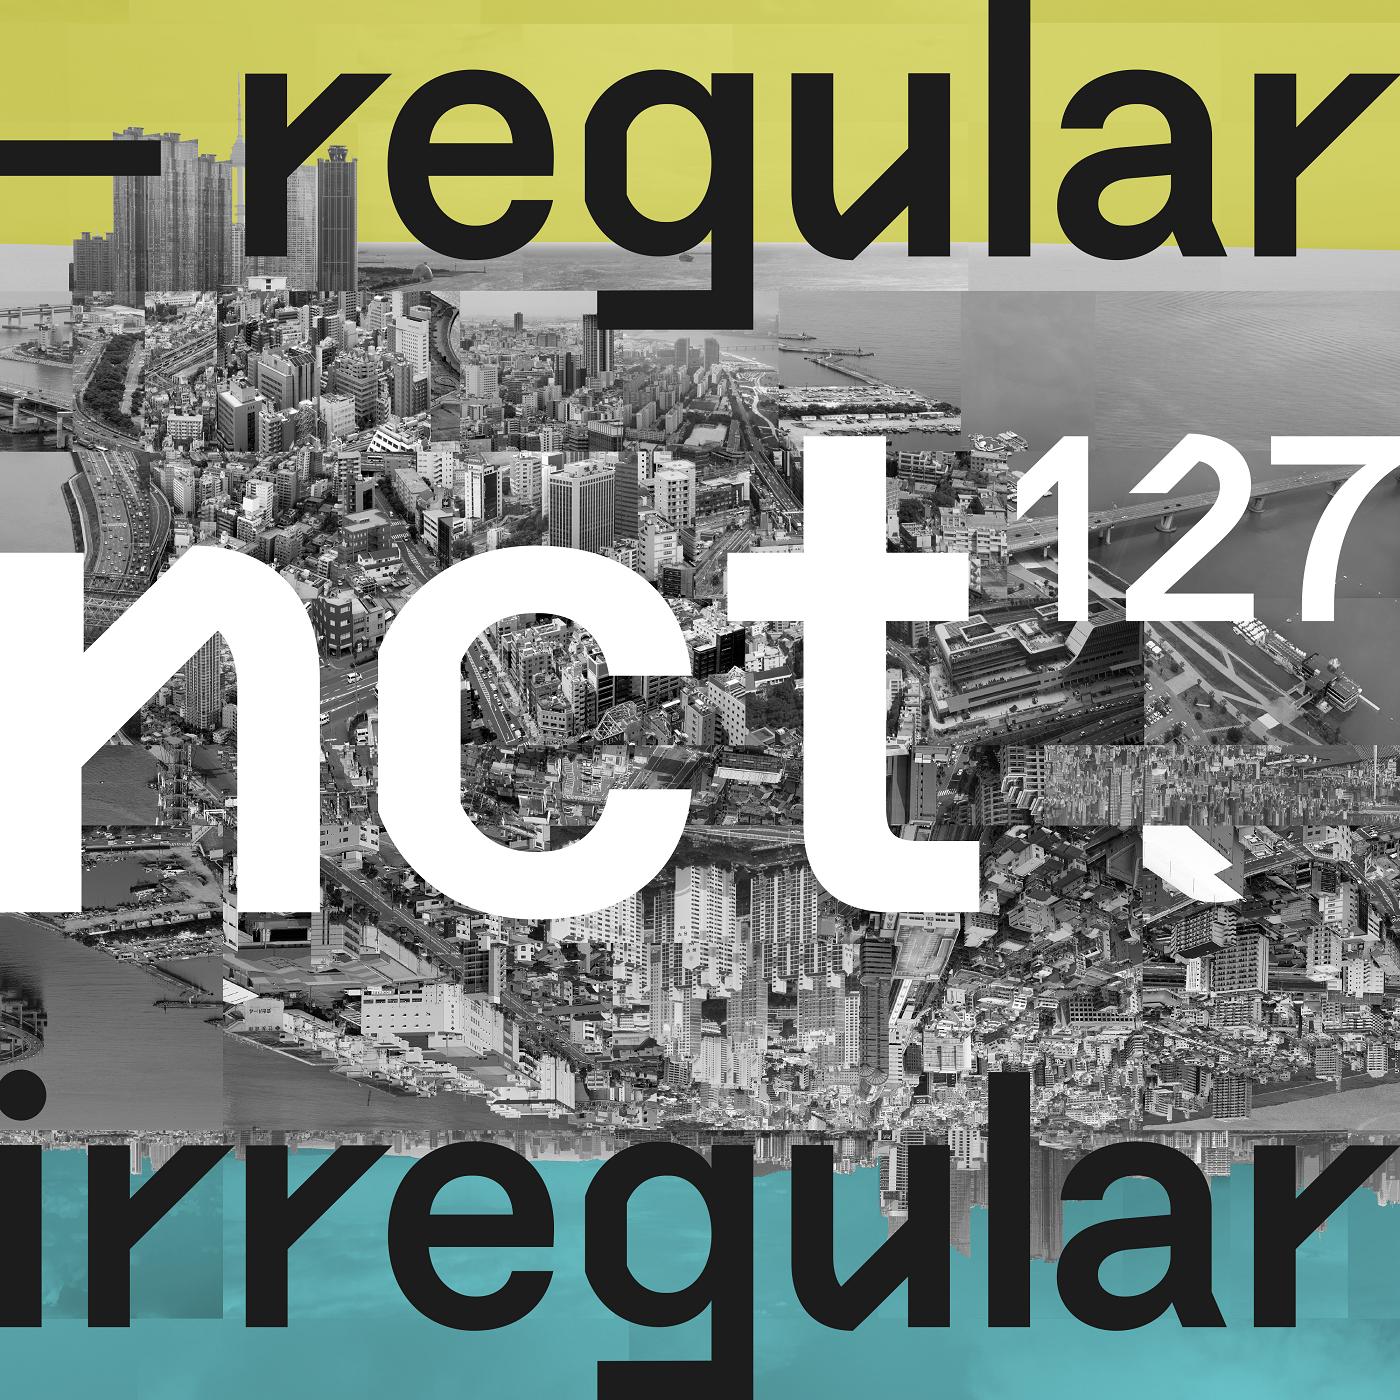 Hasil gambar untuk nct regular irregular